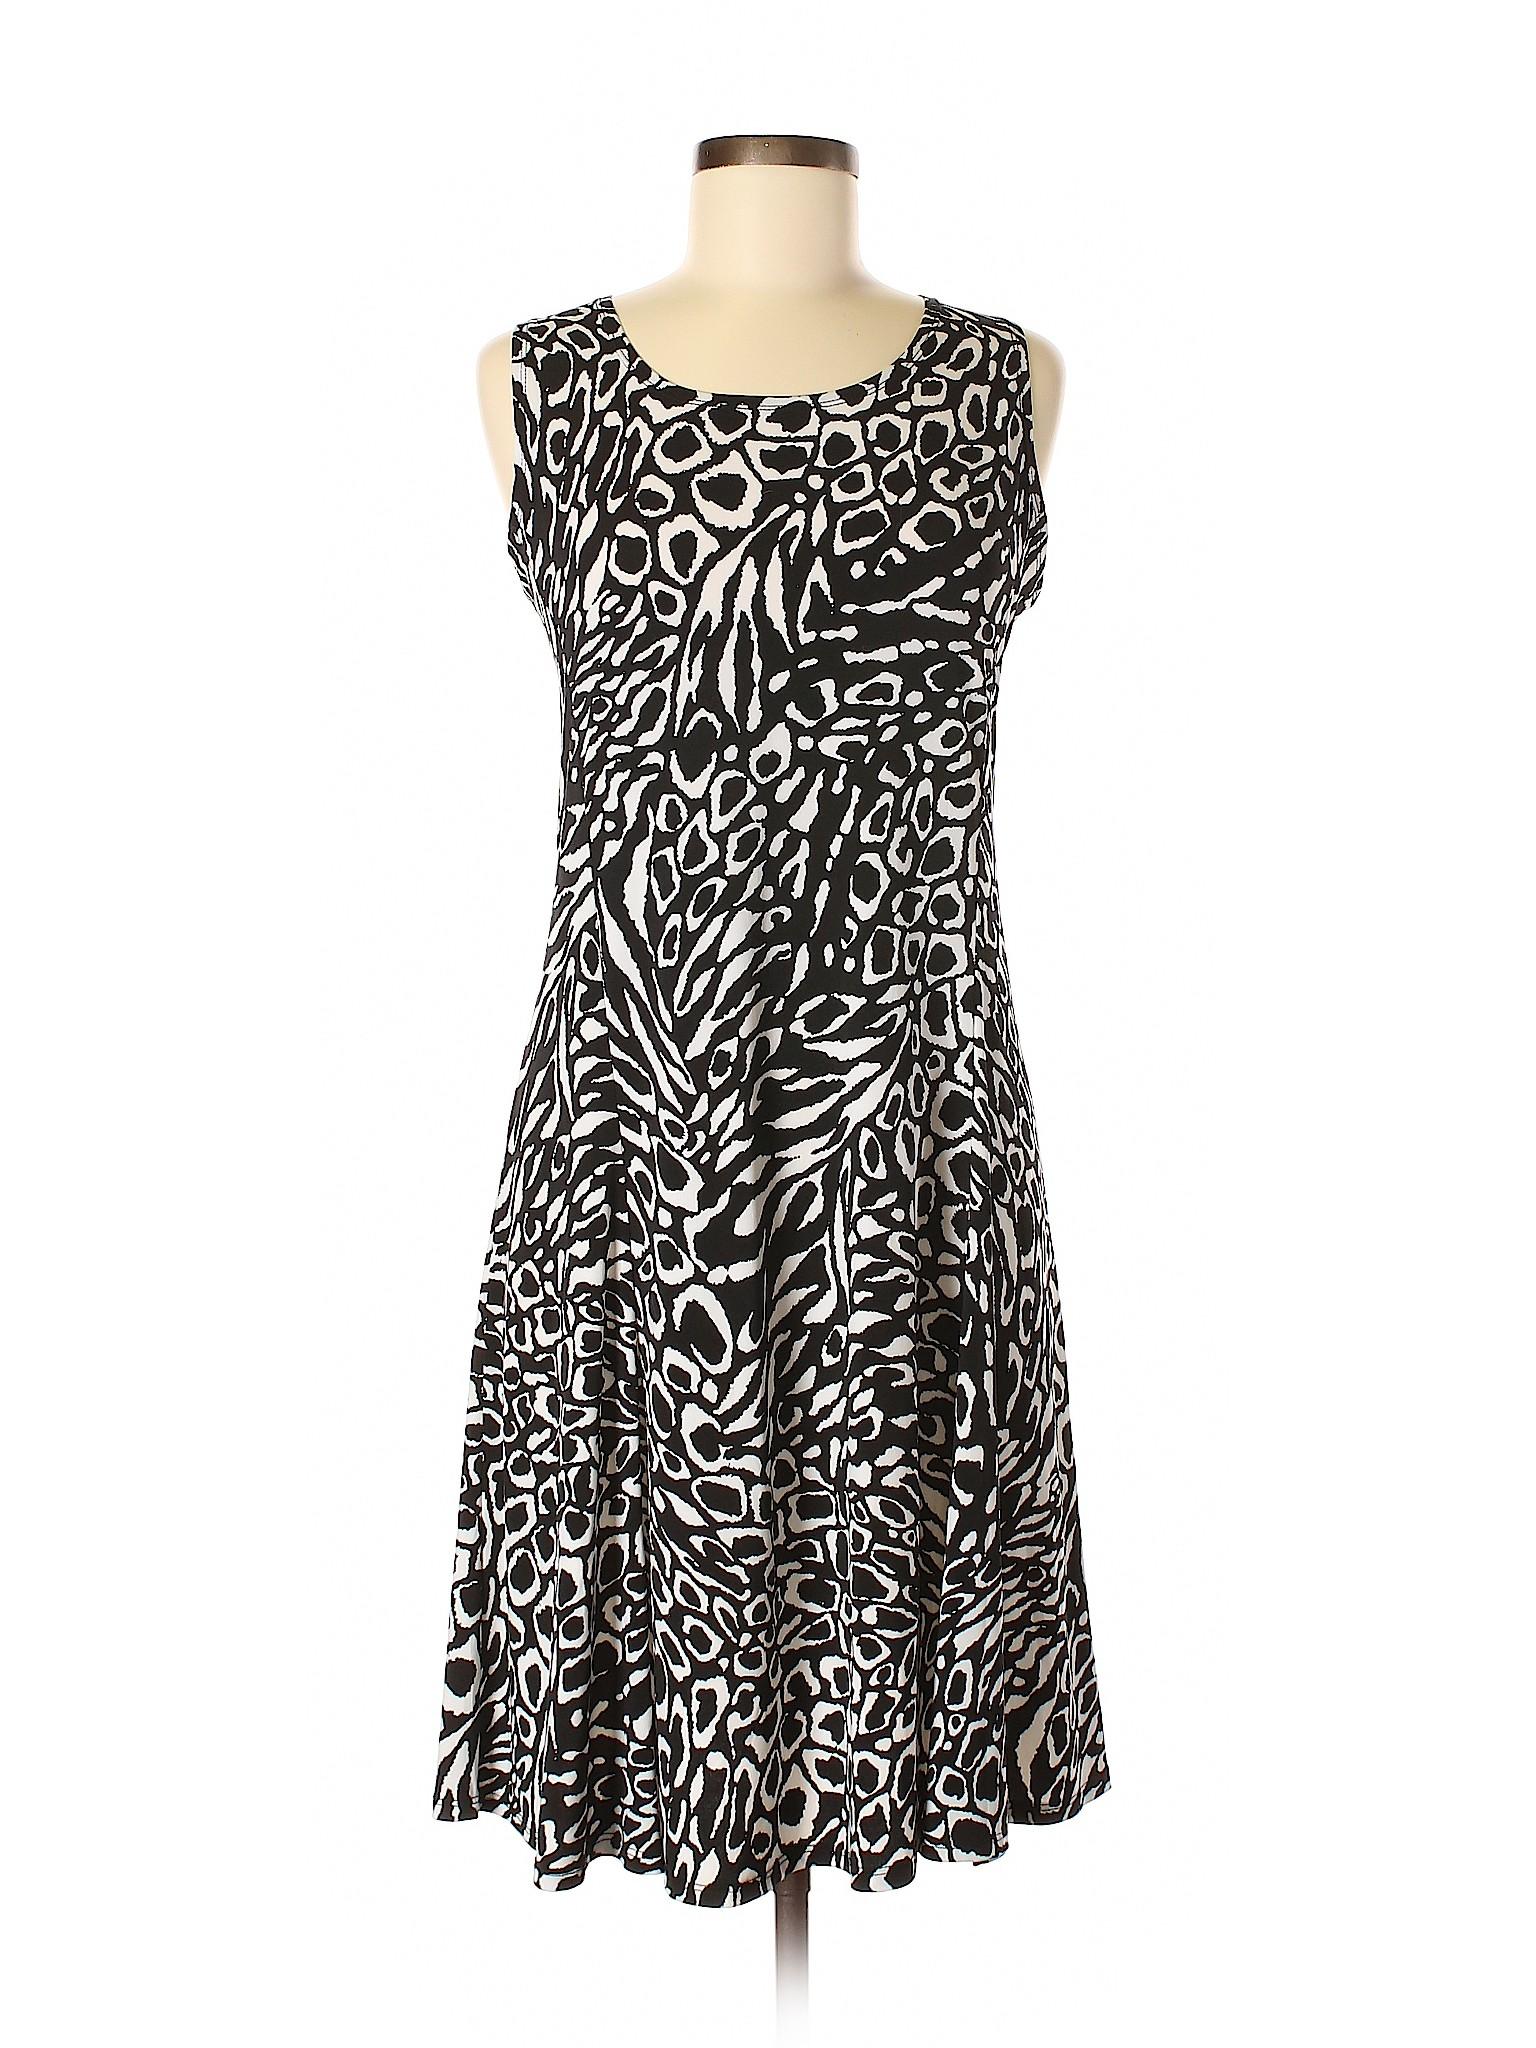 Graver Winter Susan Casual Dress Boutique US7EE